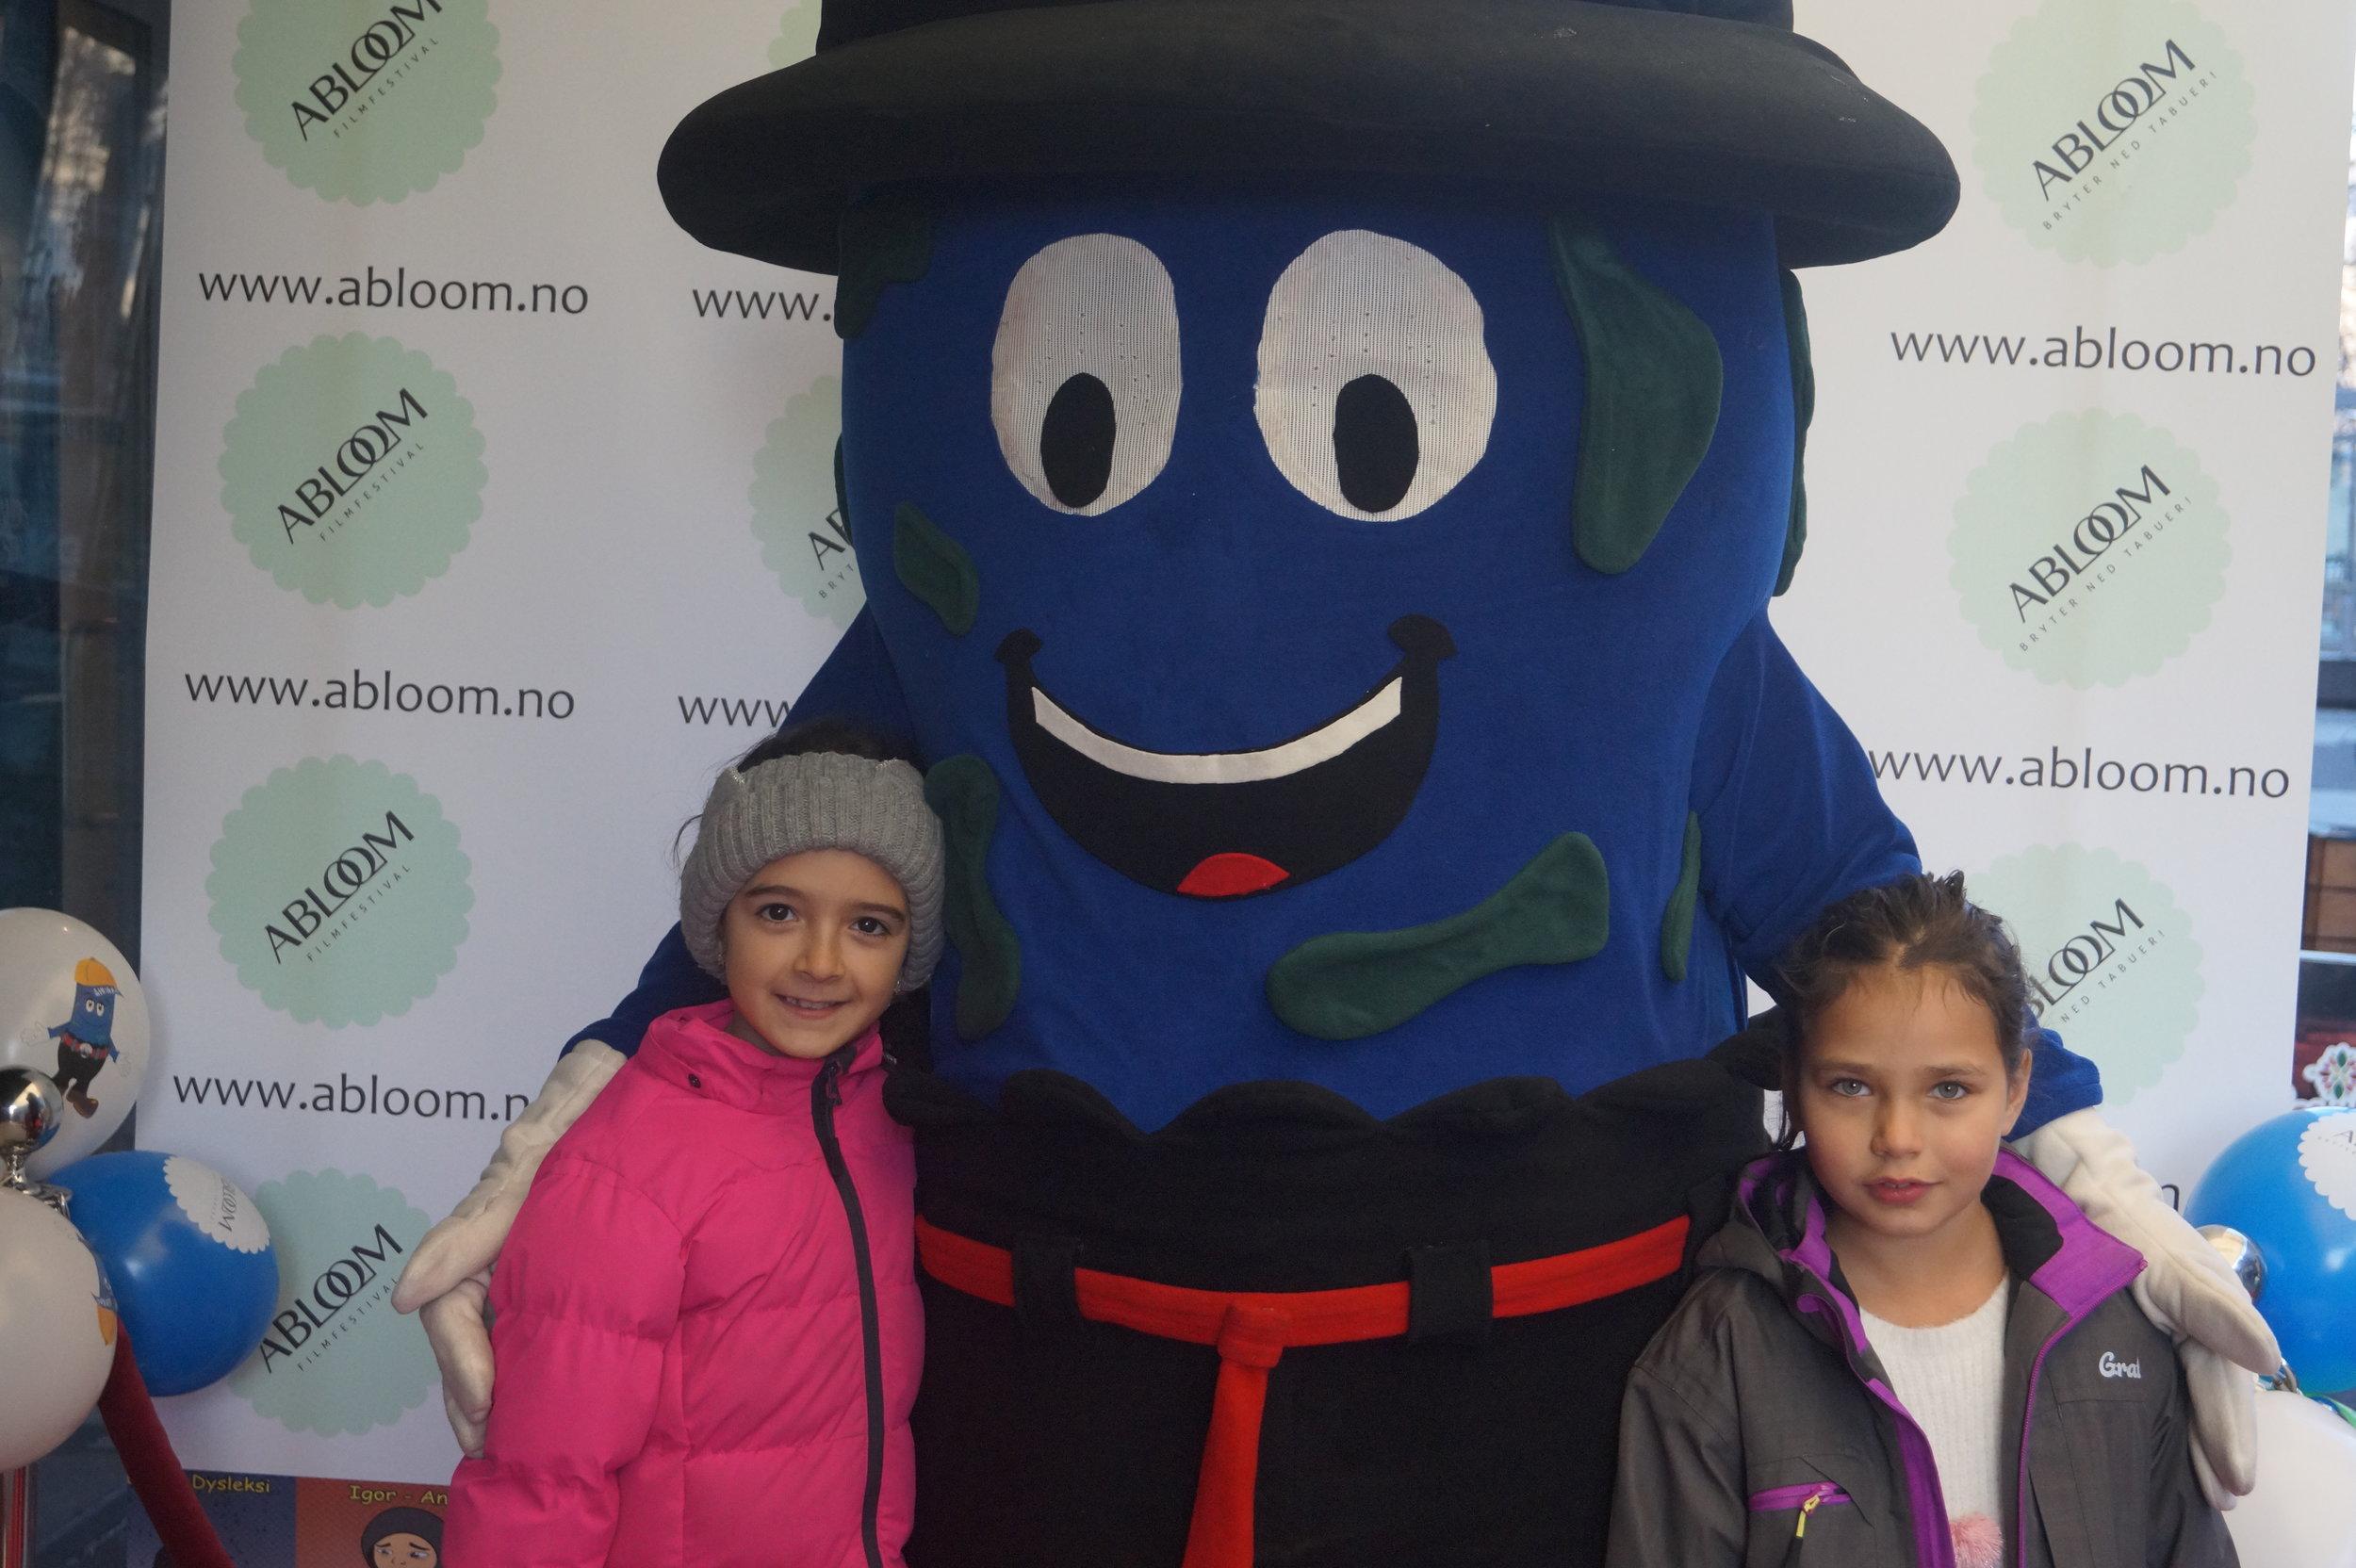 Venninnene Mariam og Vanessa (8) gledet seg til å se filmen Småfot på Familiedagen under Abloom film-festival.